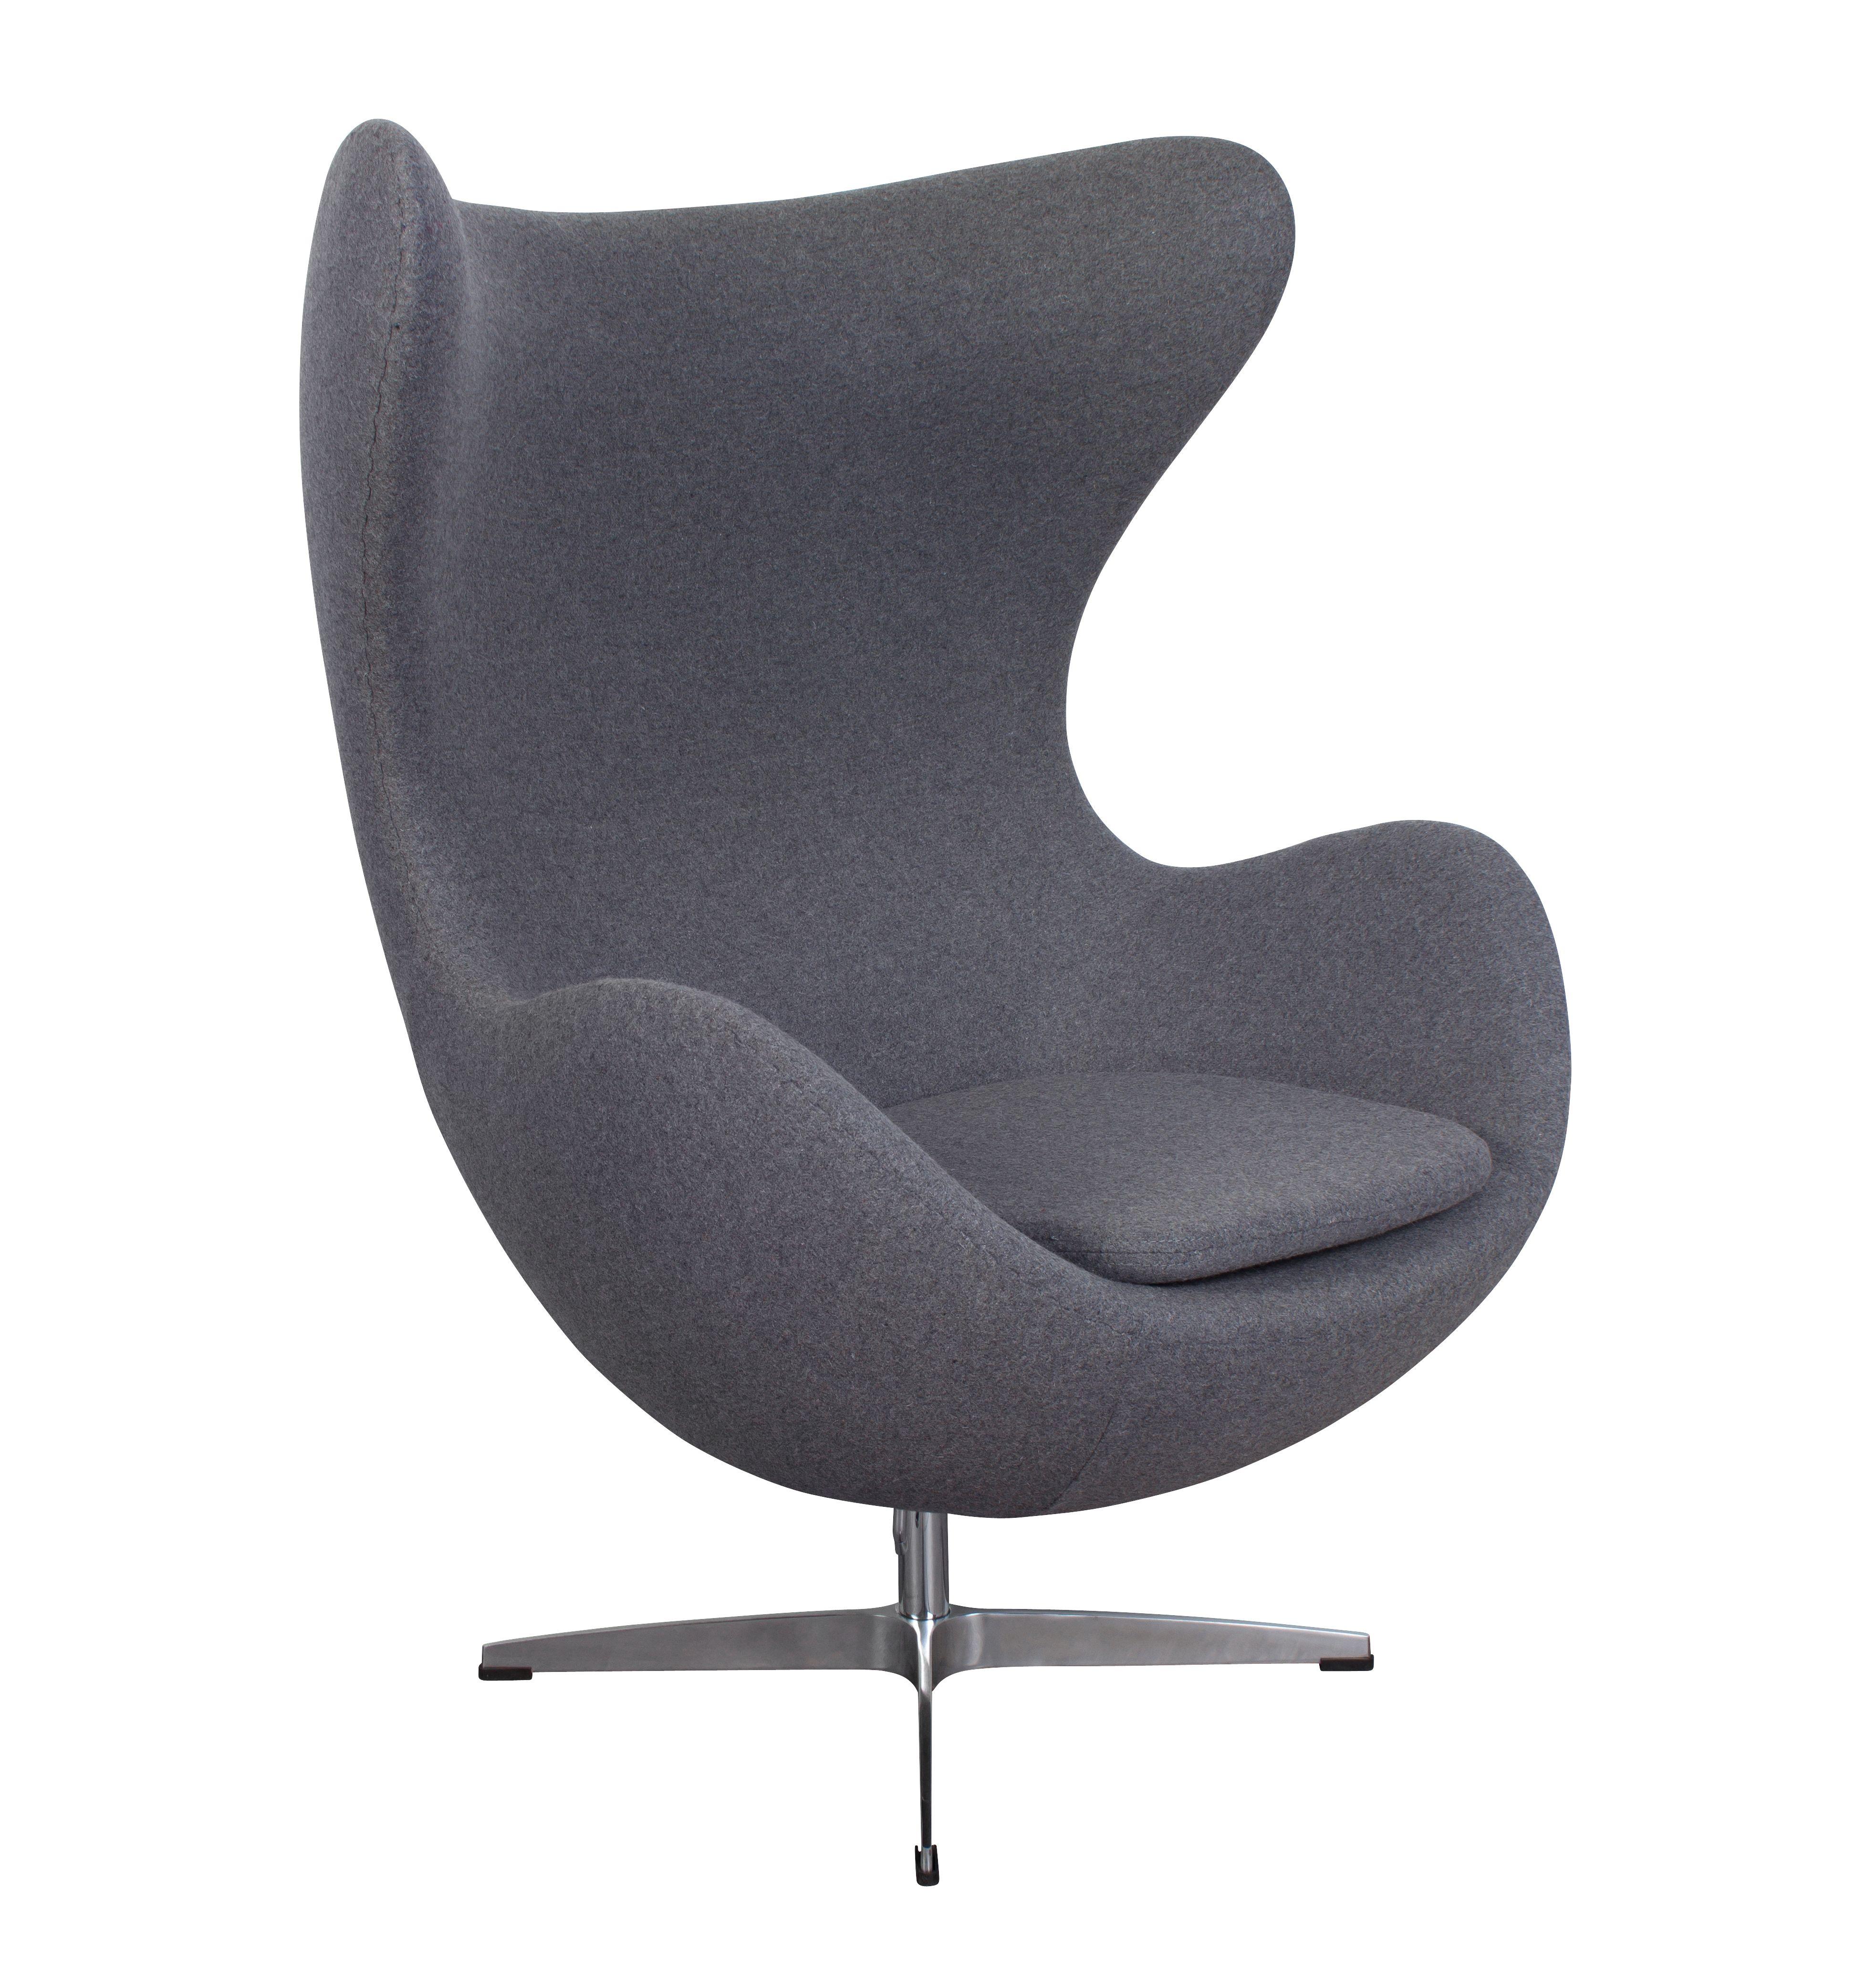 Arne Jacobsen Egg Chair Replica Egg chair, Chair, Sofa